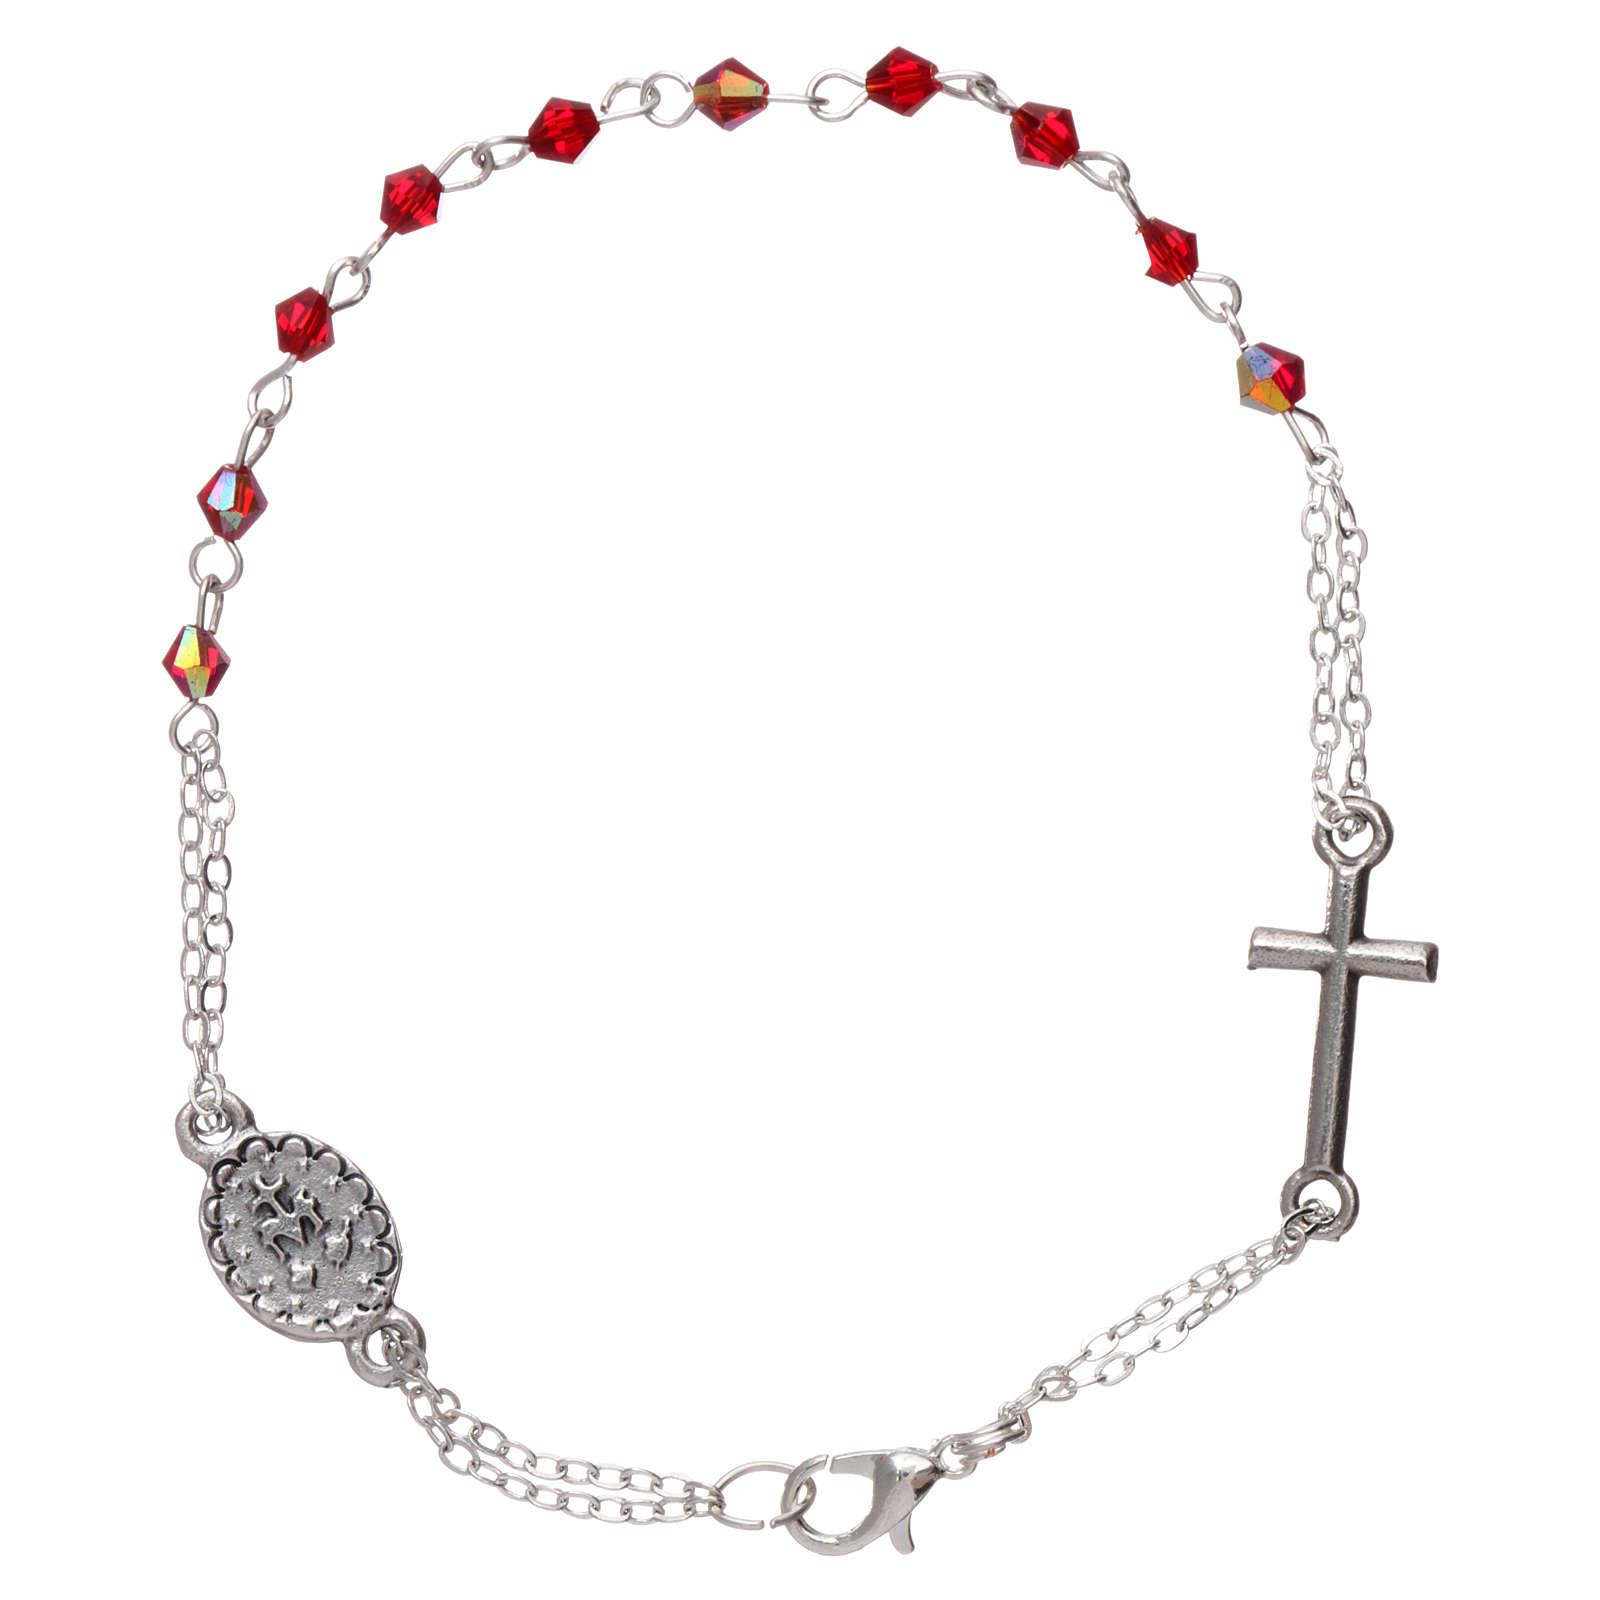 Bracciale decina chiusura catena grani rombo rubino croce e medaglia grani 1 mm 4